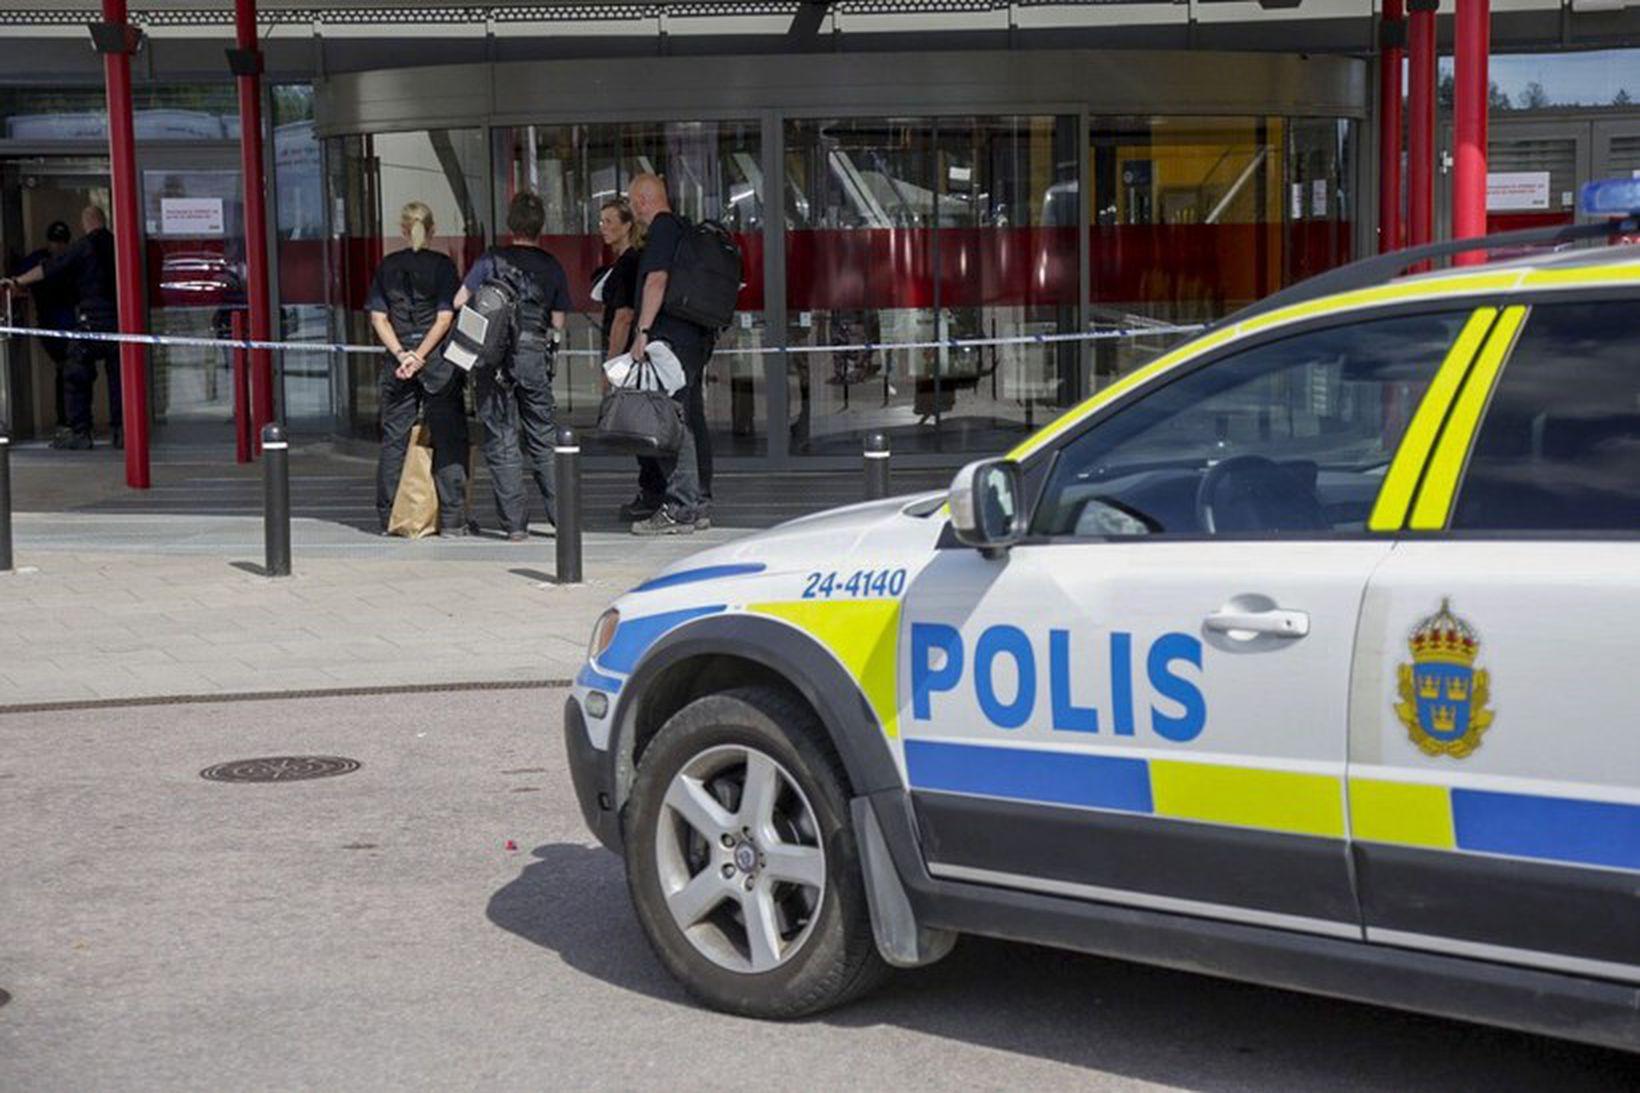 Sænska lögreglan hefur lýst manninum sem hættulegasta glæpamanni Malmö.